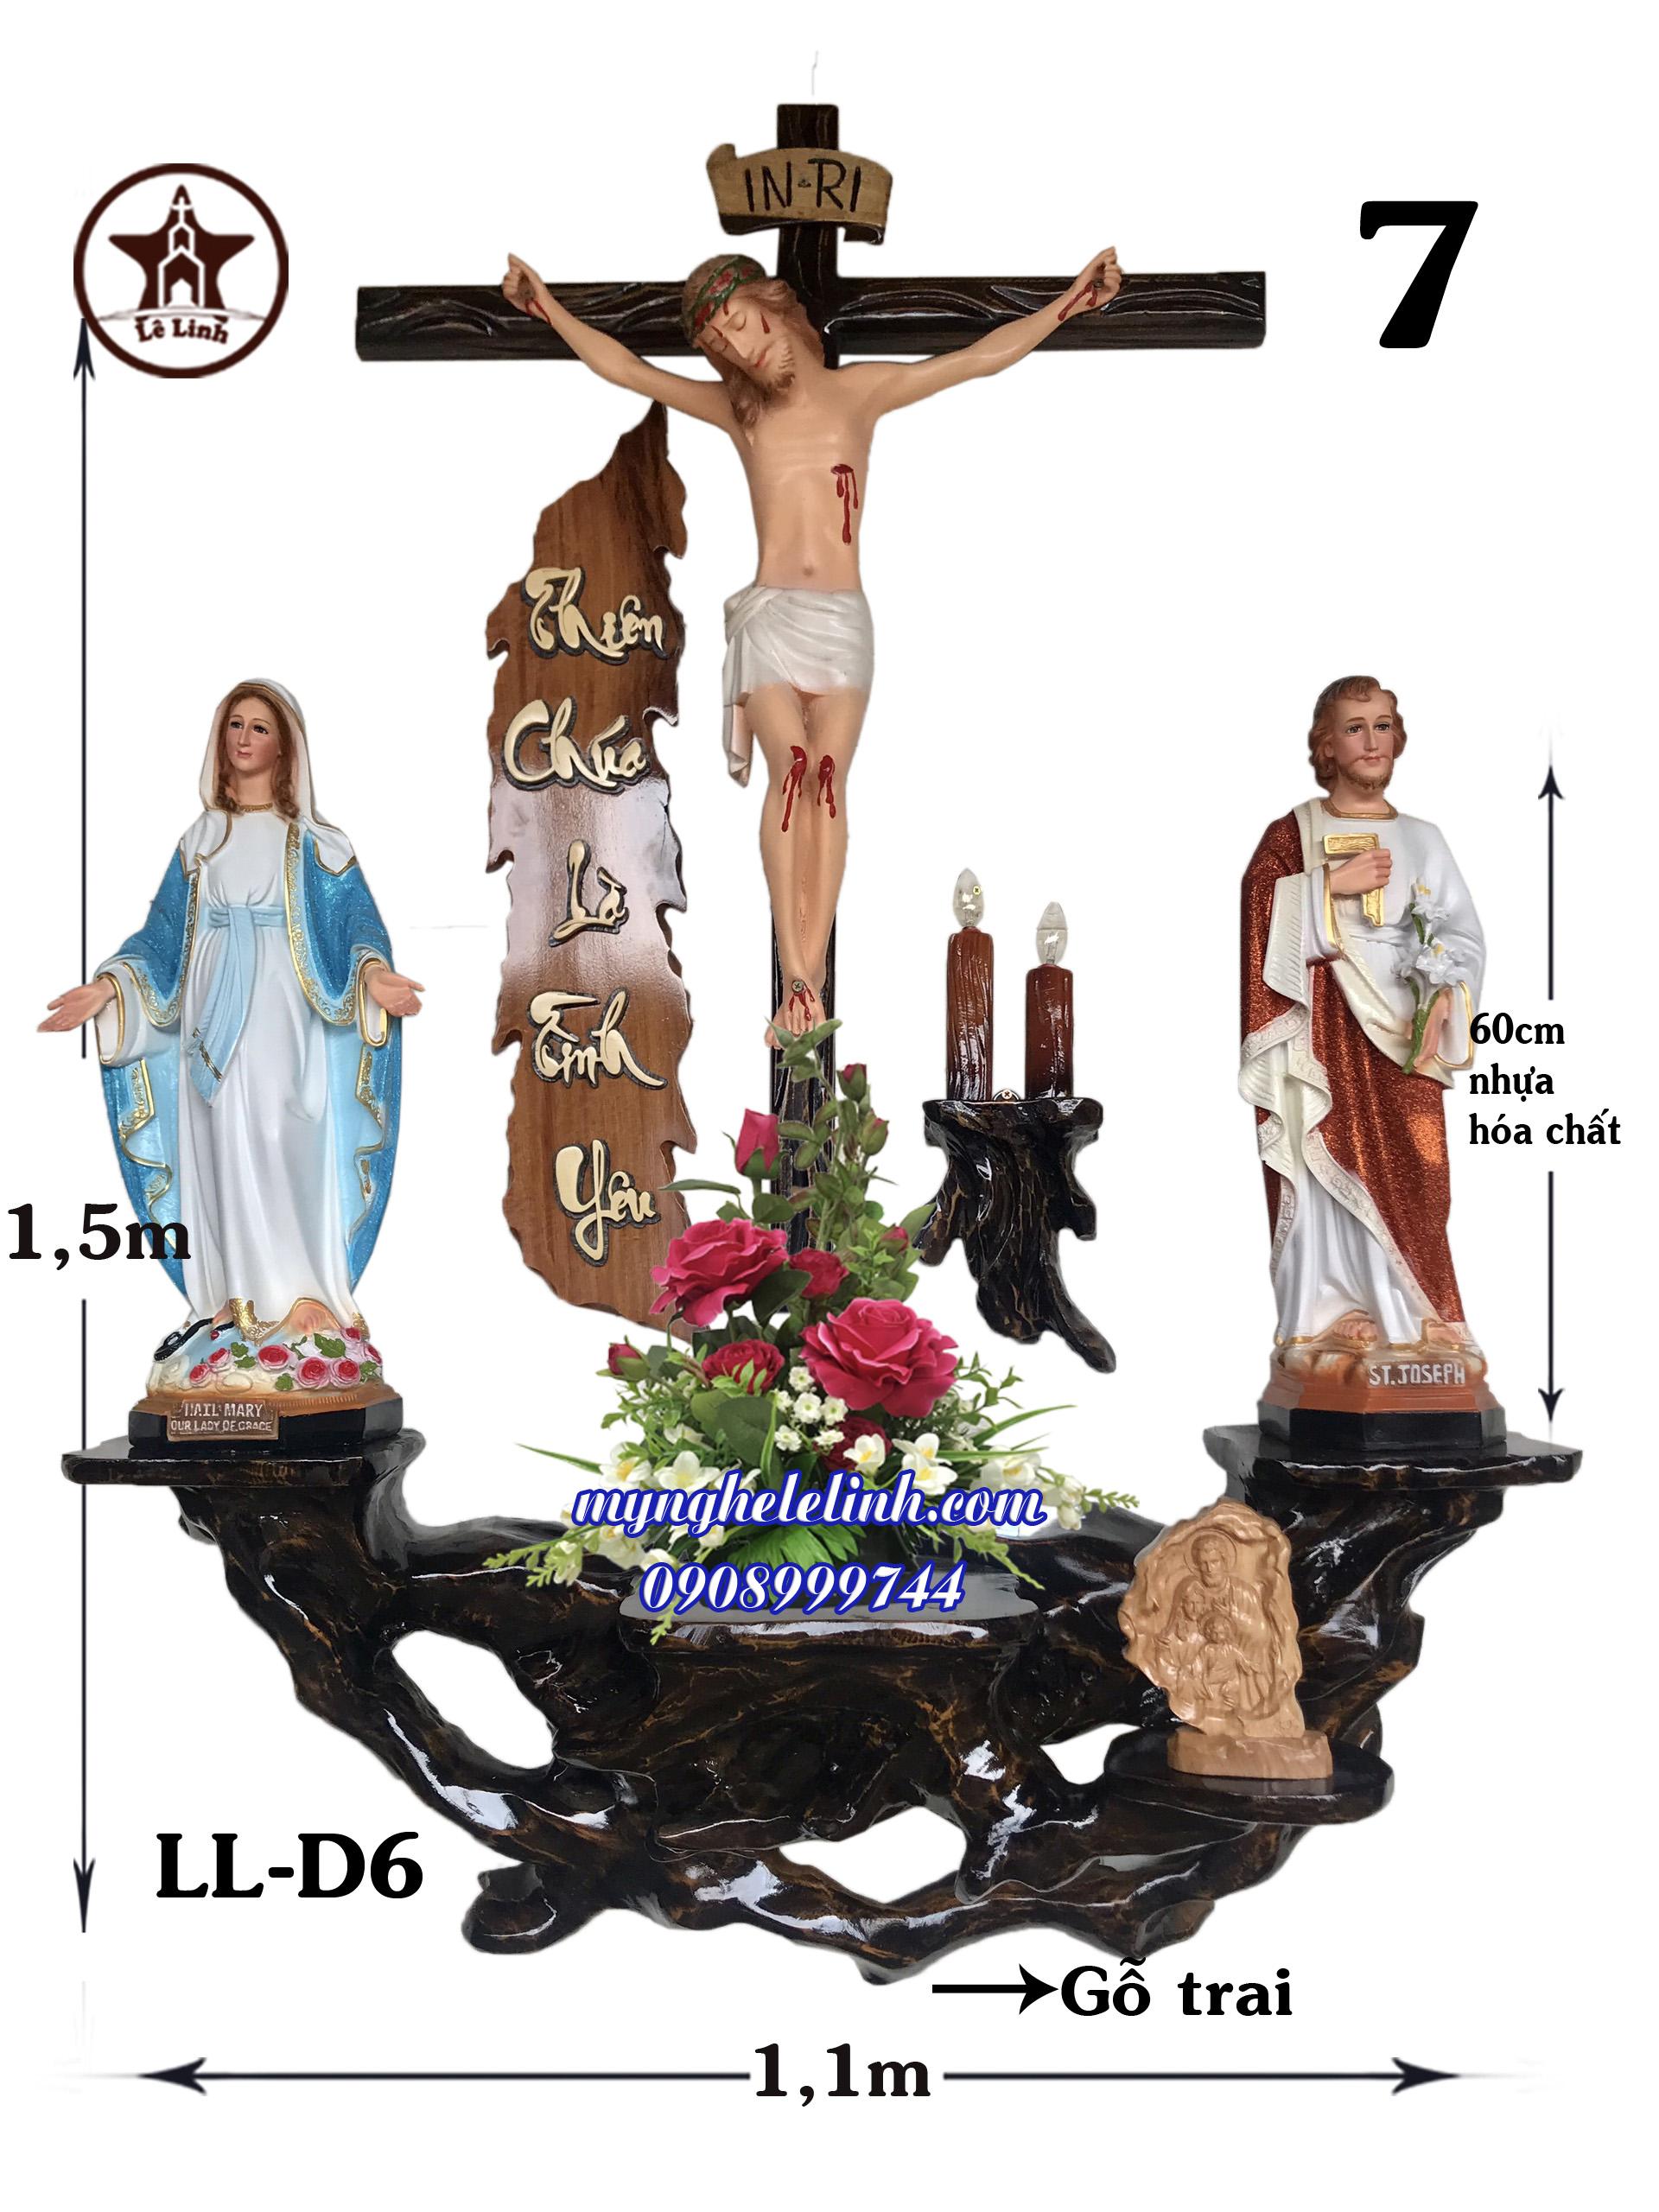 Bàn thờ công giáo LL-6D